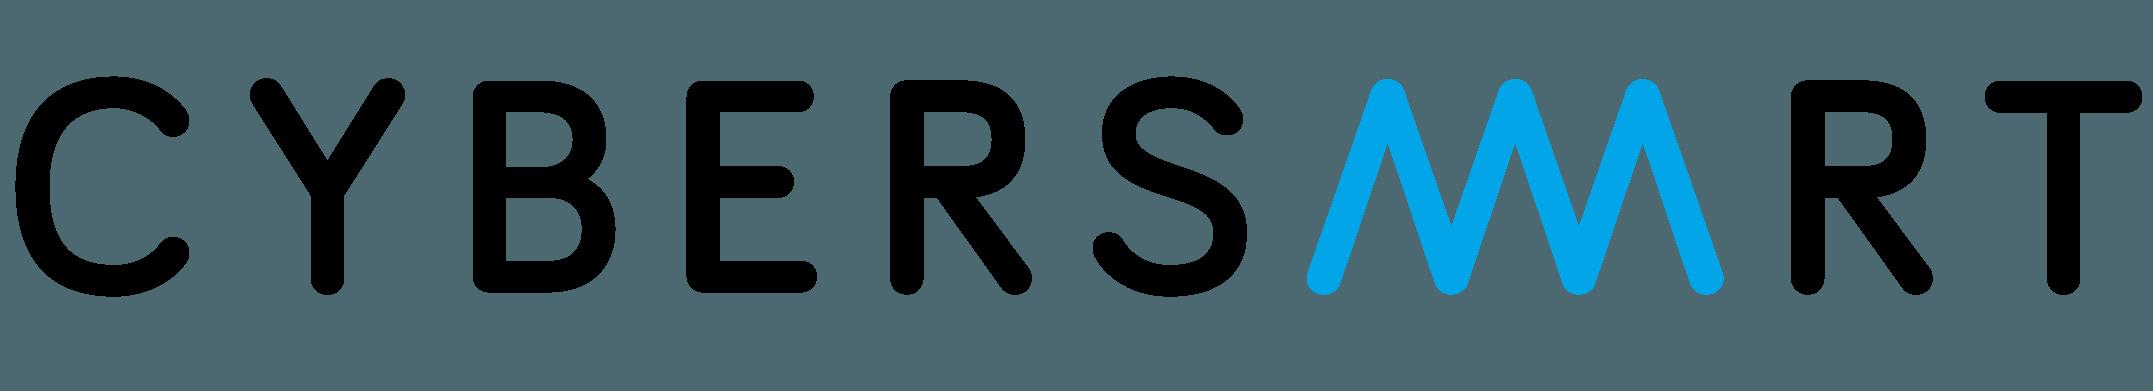 cybersmart-logo